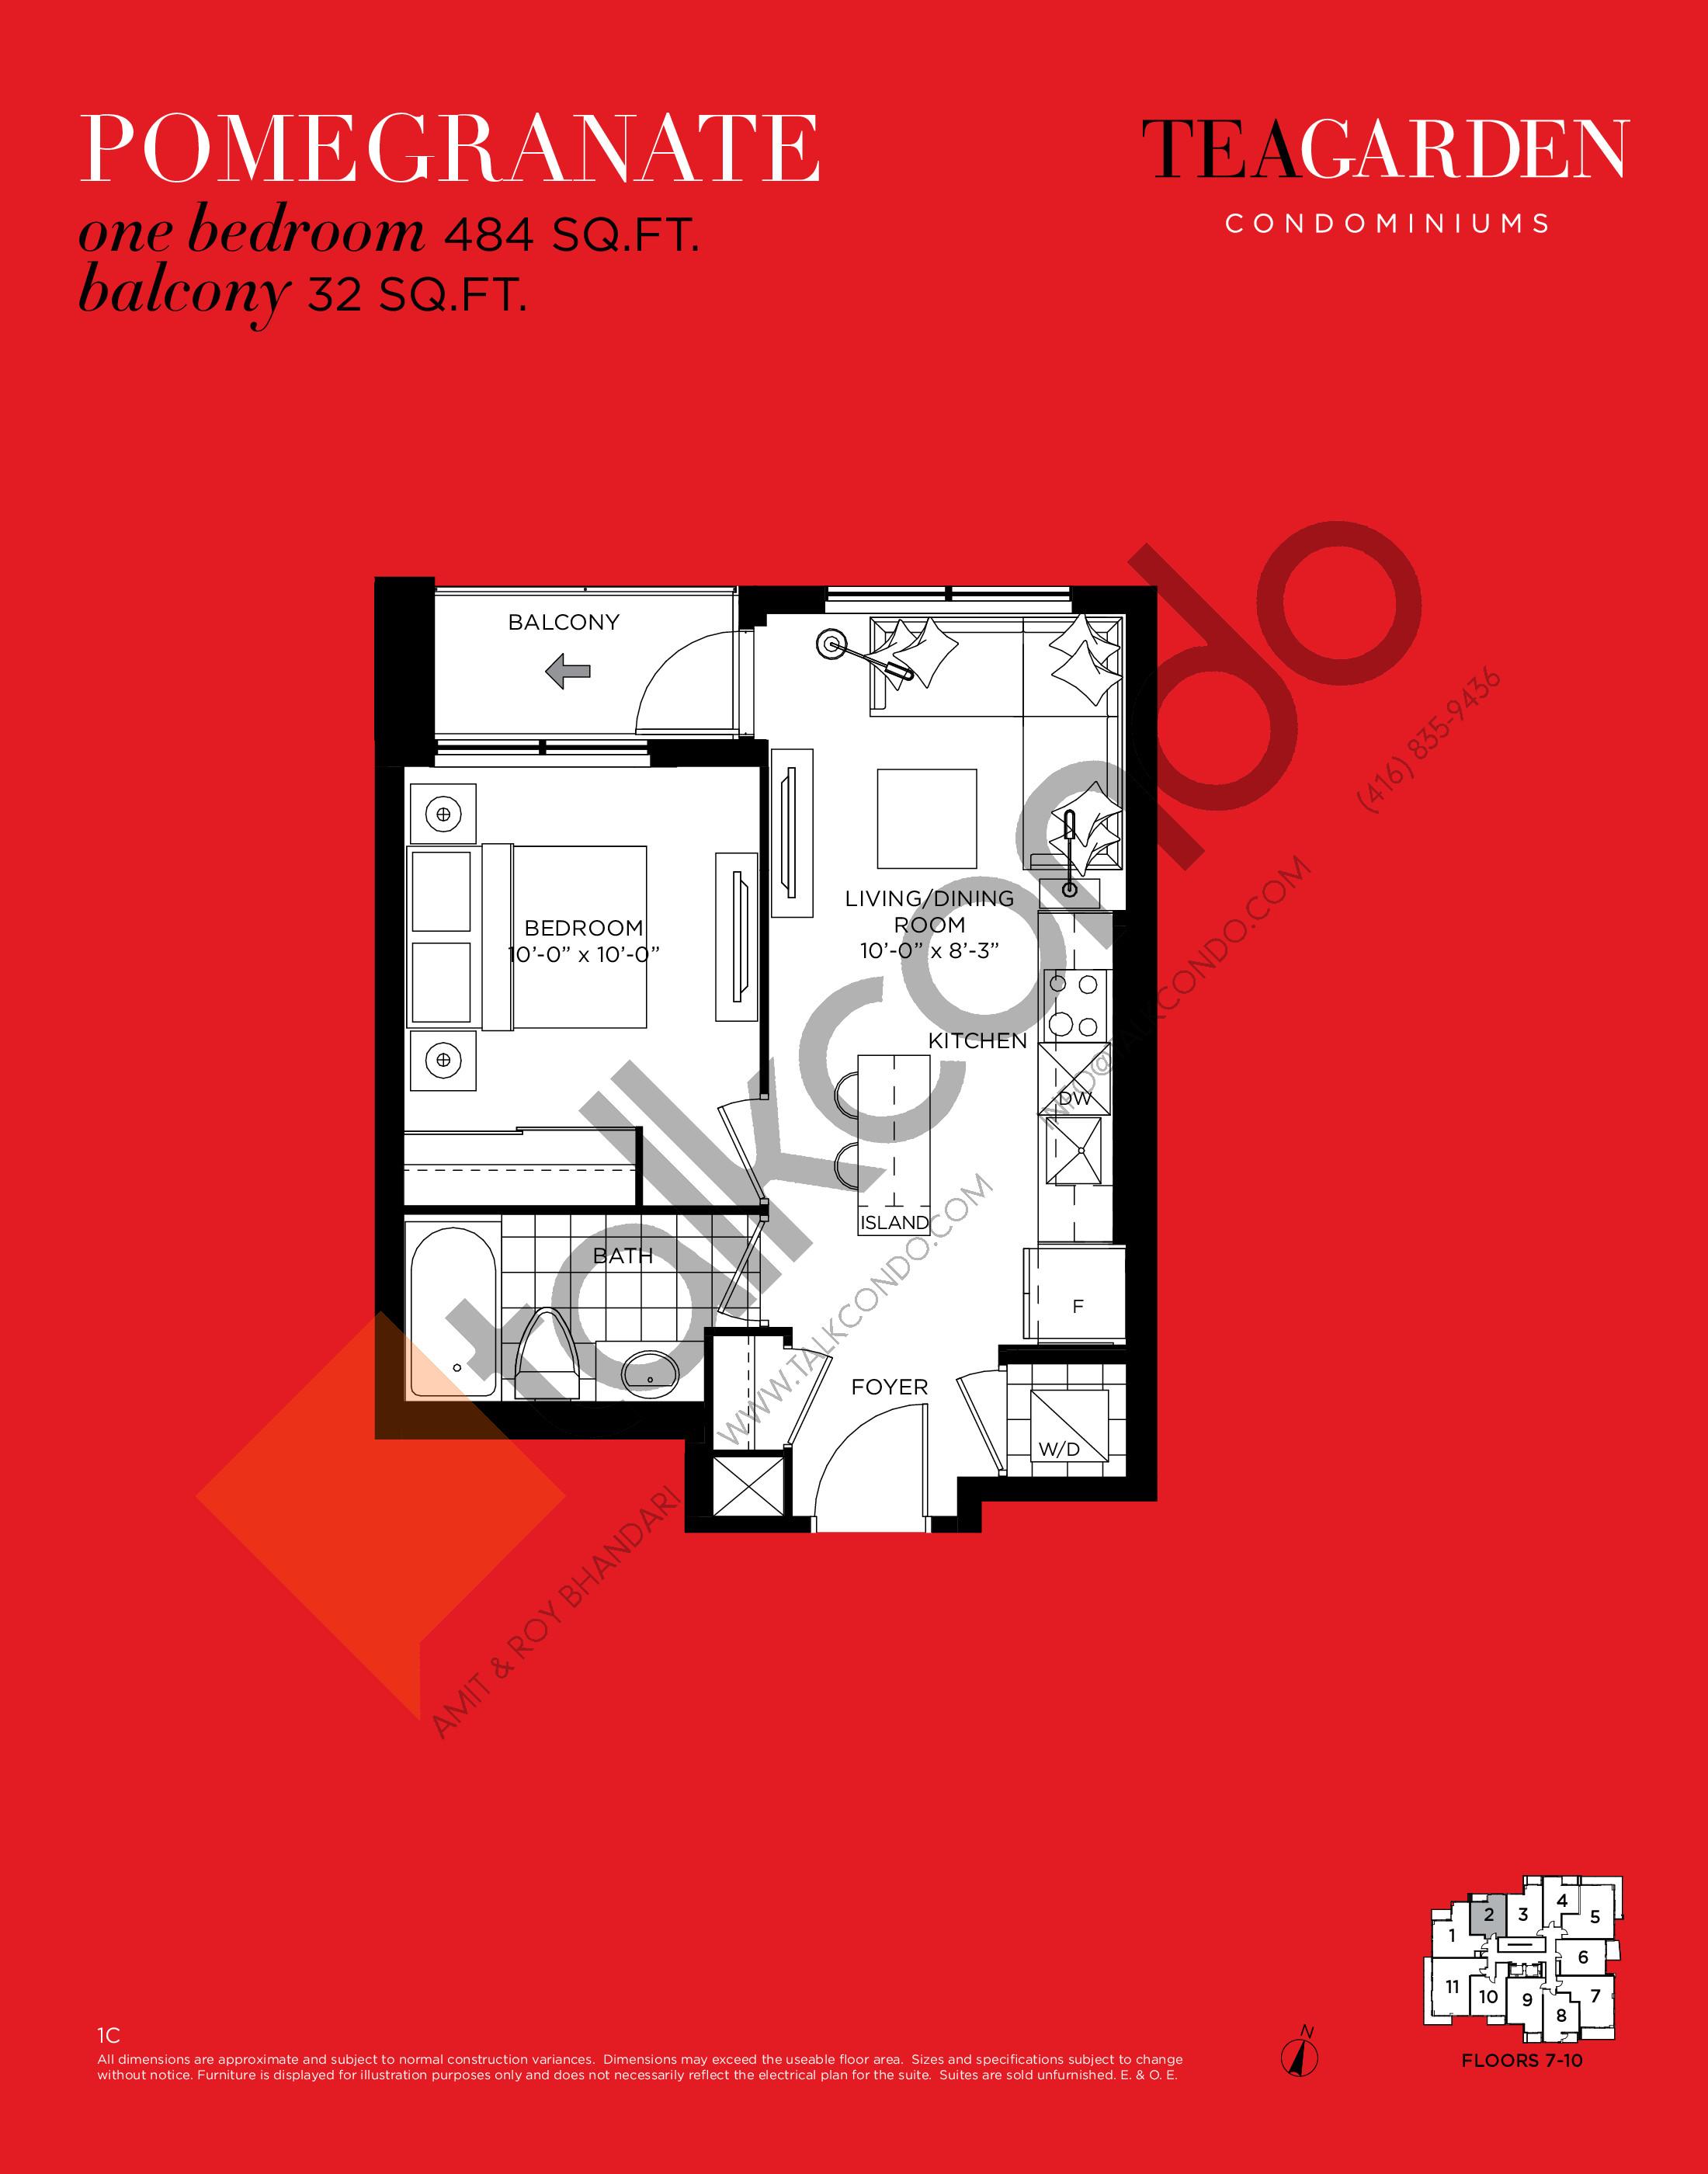 Pomegranate Floor Plan at Tea Garden Condos - 484 sq.ft